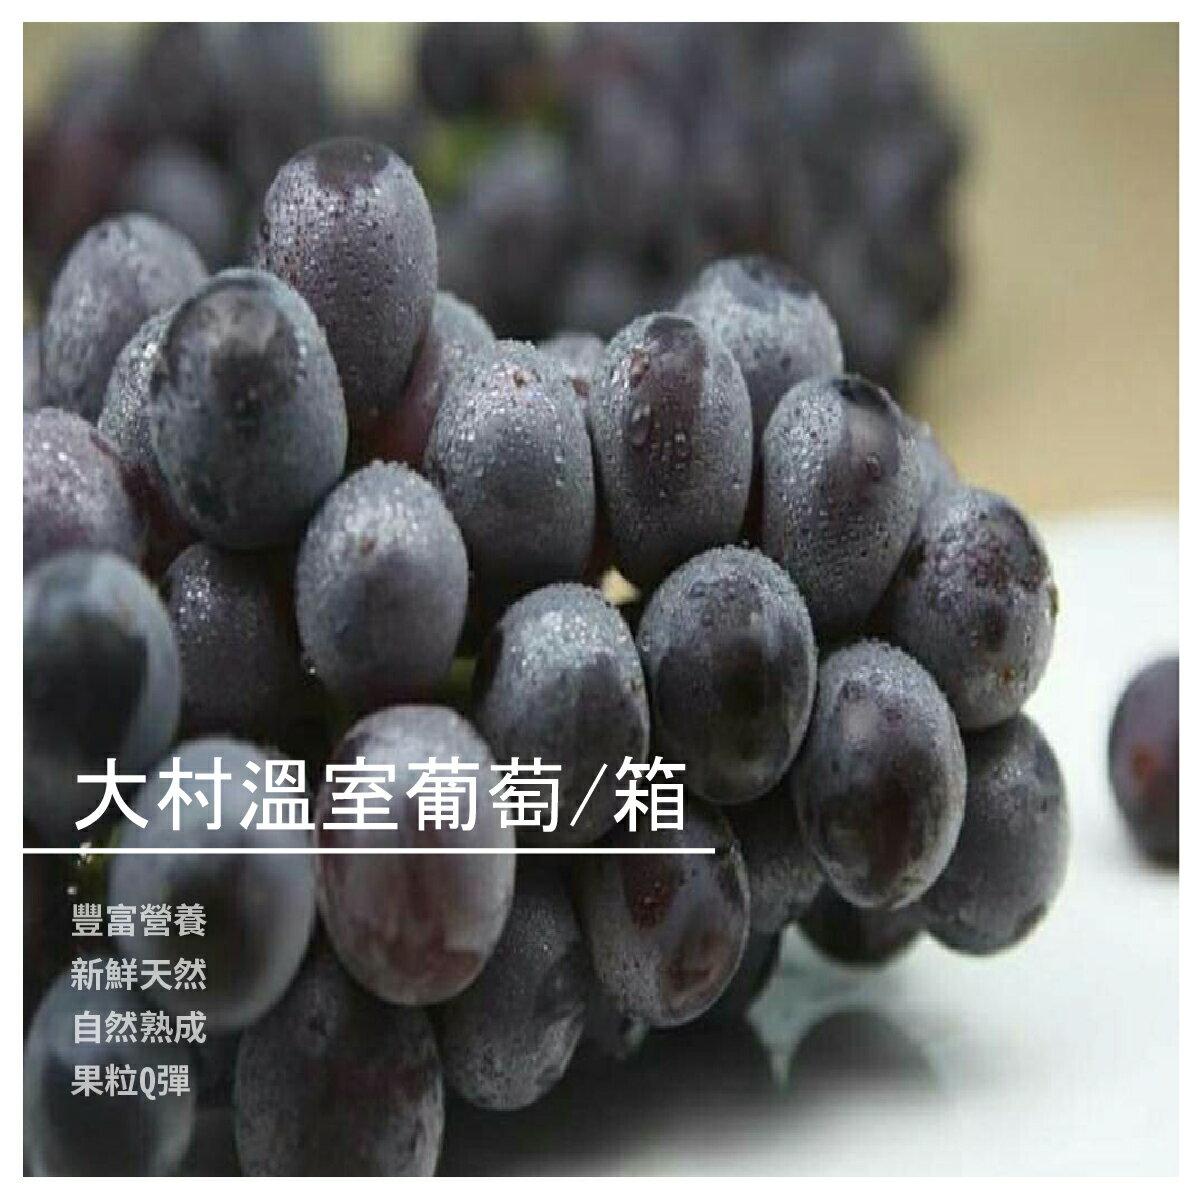 【大雪山甜霖果園】大村溫室葡萄/箱